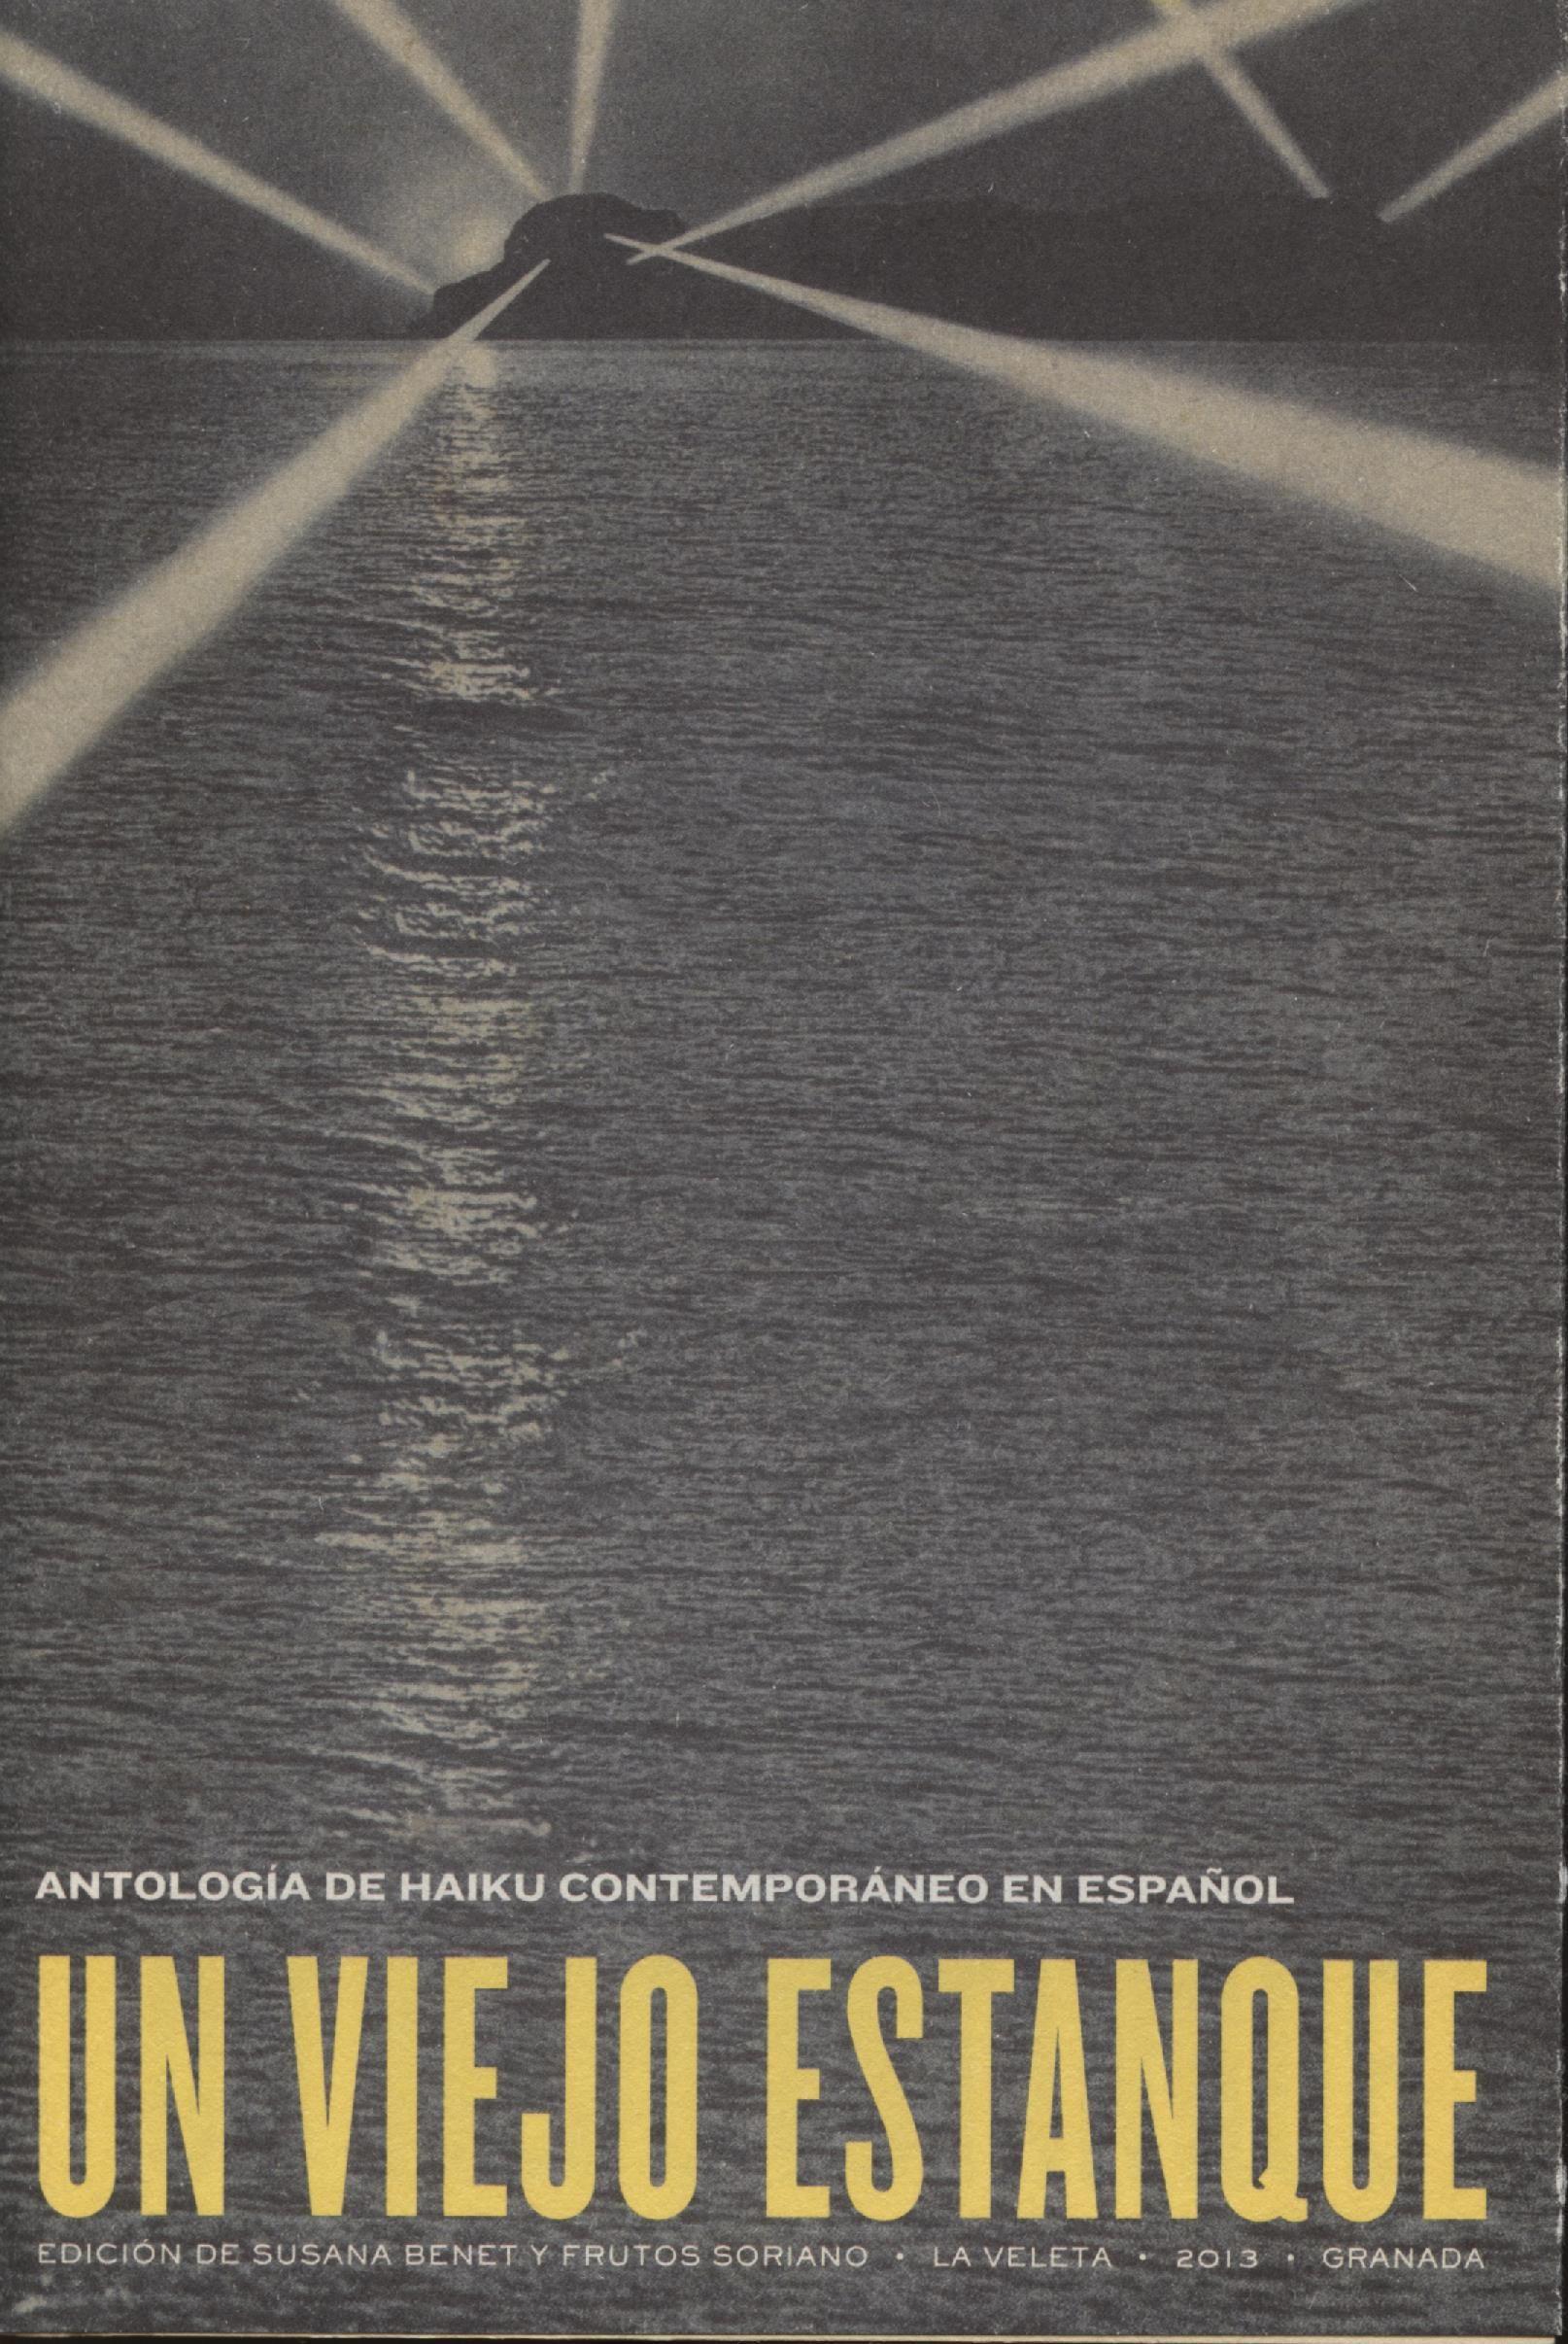 Un viejo estanque. Antologia de Haiku. La Veleta, Granada.